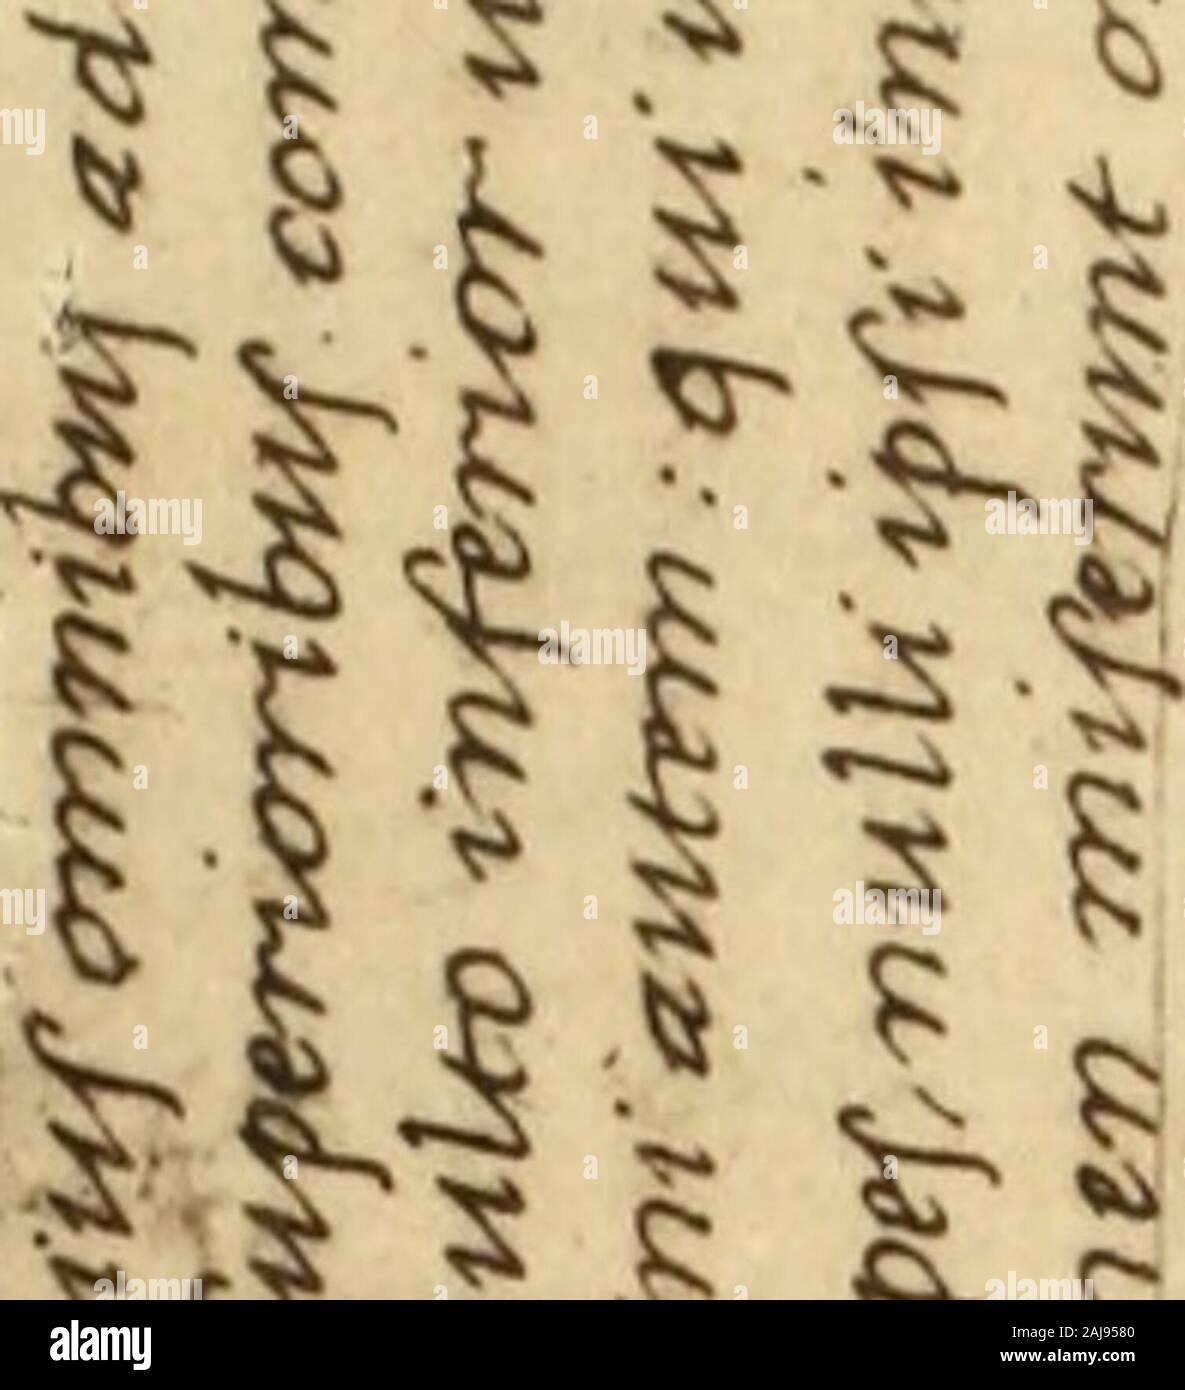 """Rerum italicarum scriptores: raccolta degli storici italiani dal cinquecento al millecinquecento . ta lo mode dica-stissimo ed alieno dal Parlare di sé, un abilissimo rappresentare i fatti, venir voleva 30o o tramandati étaient ricordati giudicati; quindi elemento storico, questo illustre infor-matore, di primo ordine, ma da trattarsi con cautela e con prudenza. LoSforza molte persone Ma oltre """" ebbe occasione di Simonetta il interrogare per la composition-zione della sua opera dans potremo; qualche modo immaginare, certonumero onu individuare di quelle, tra i vecchi funzionari della Corte ducale di Banque D'Images"""